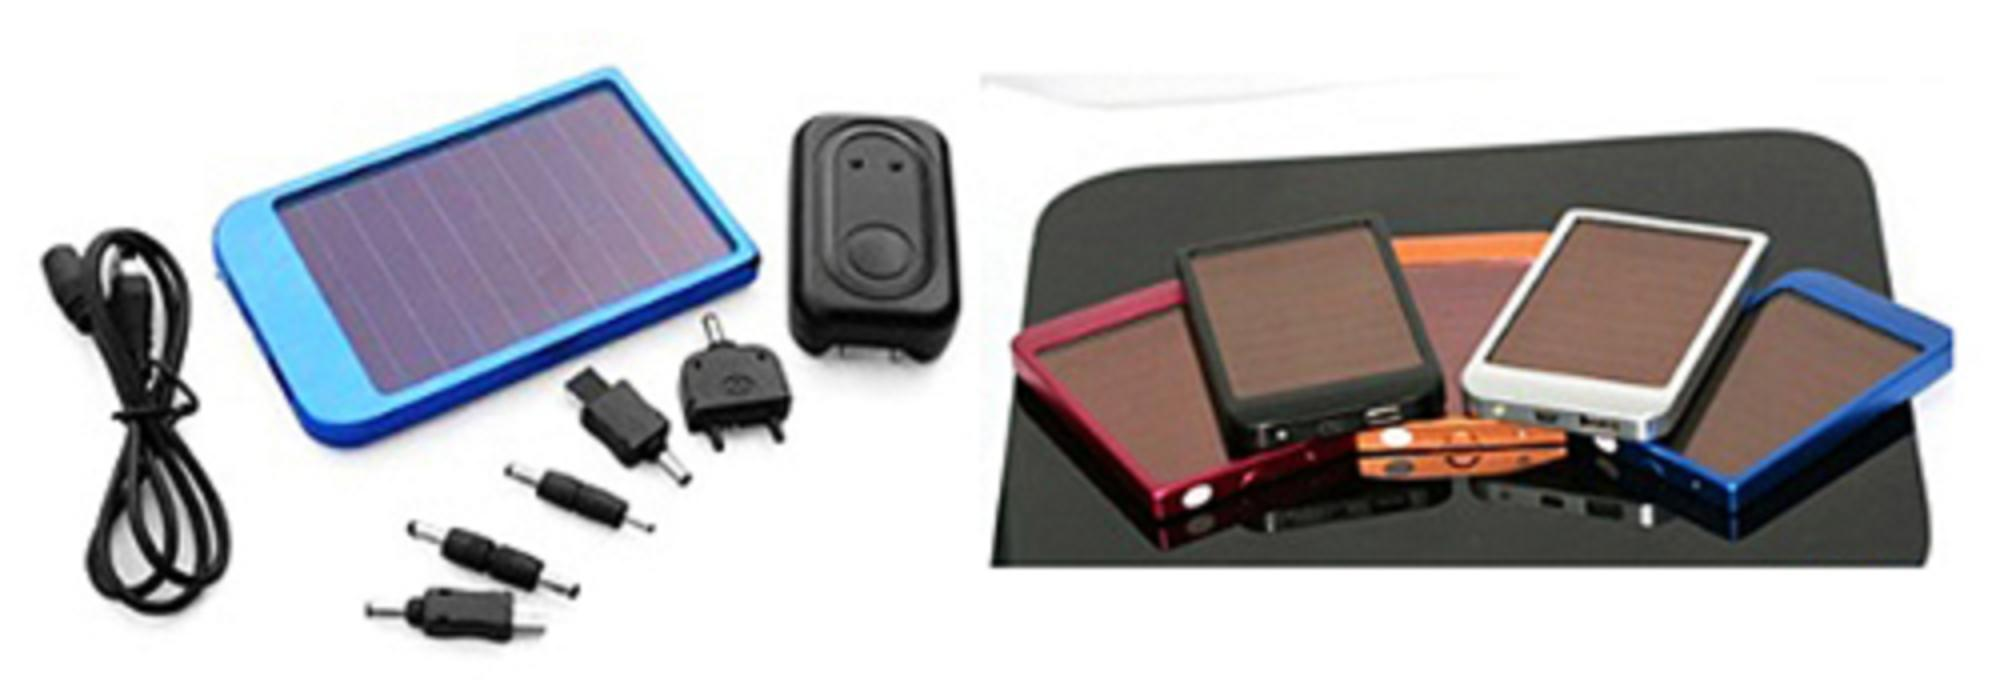 Carregador do painel da bateria solar de 2600mAh USB para o telefone MP3 MP4 PD com caixa varejo 100pcs / lot